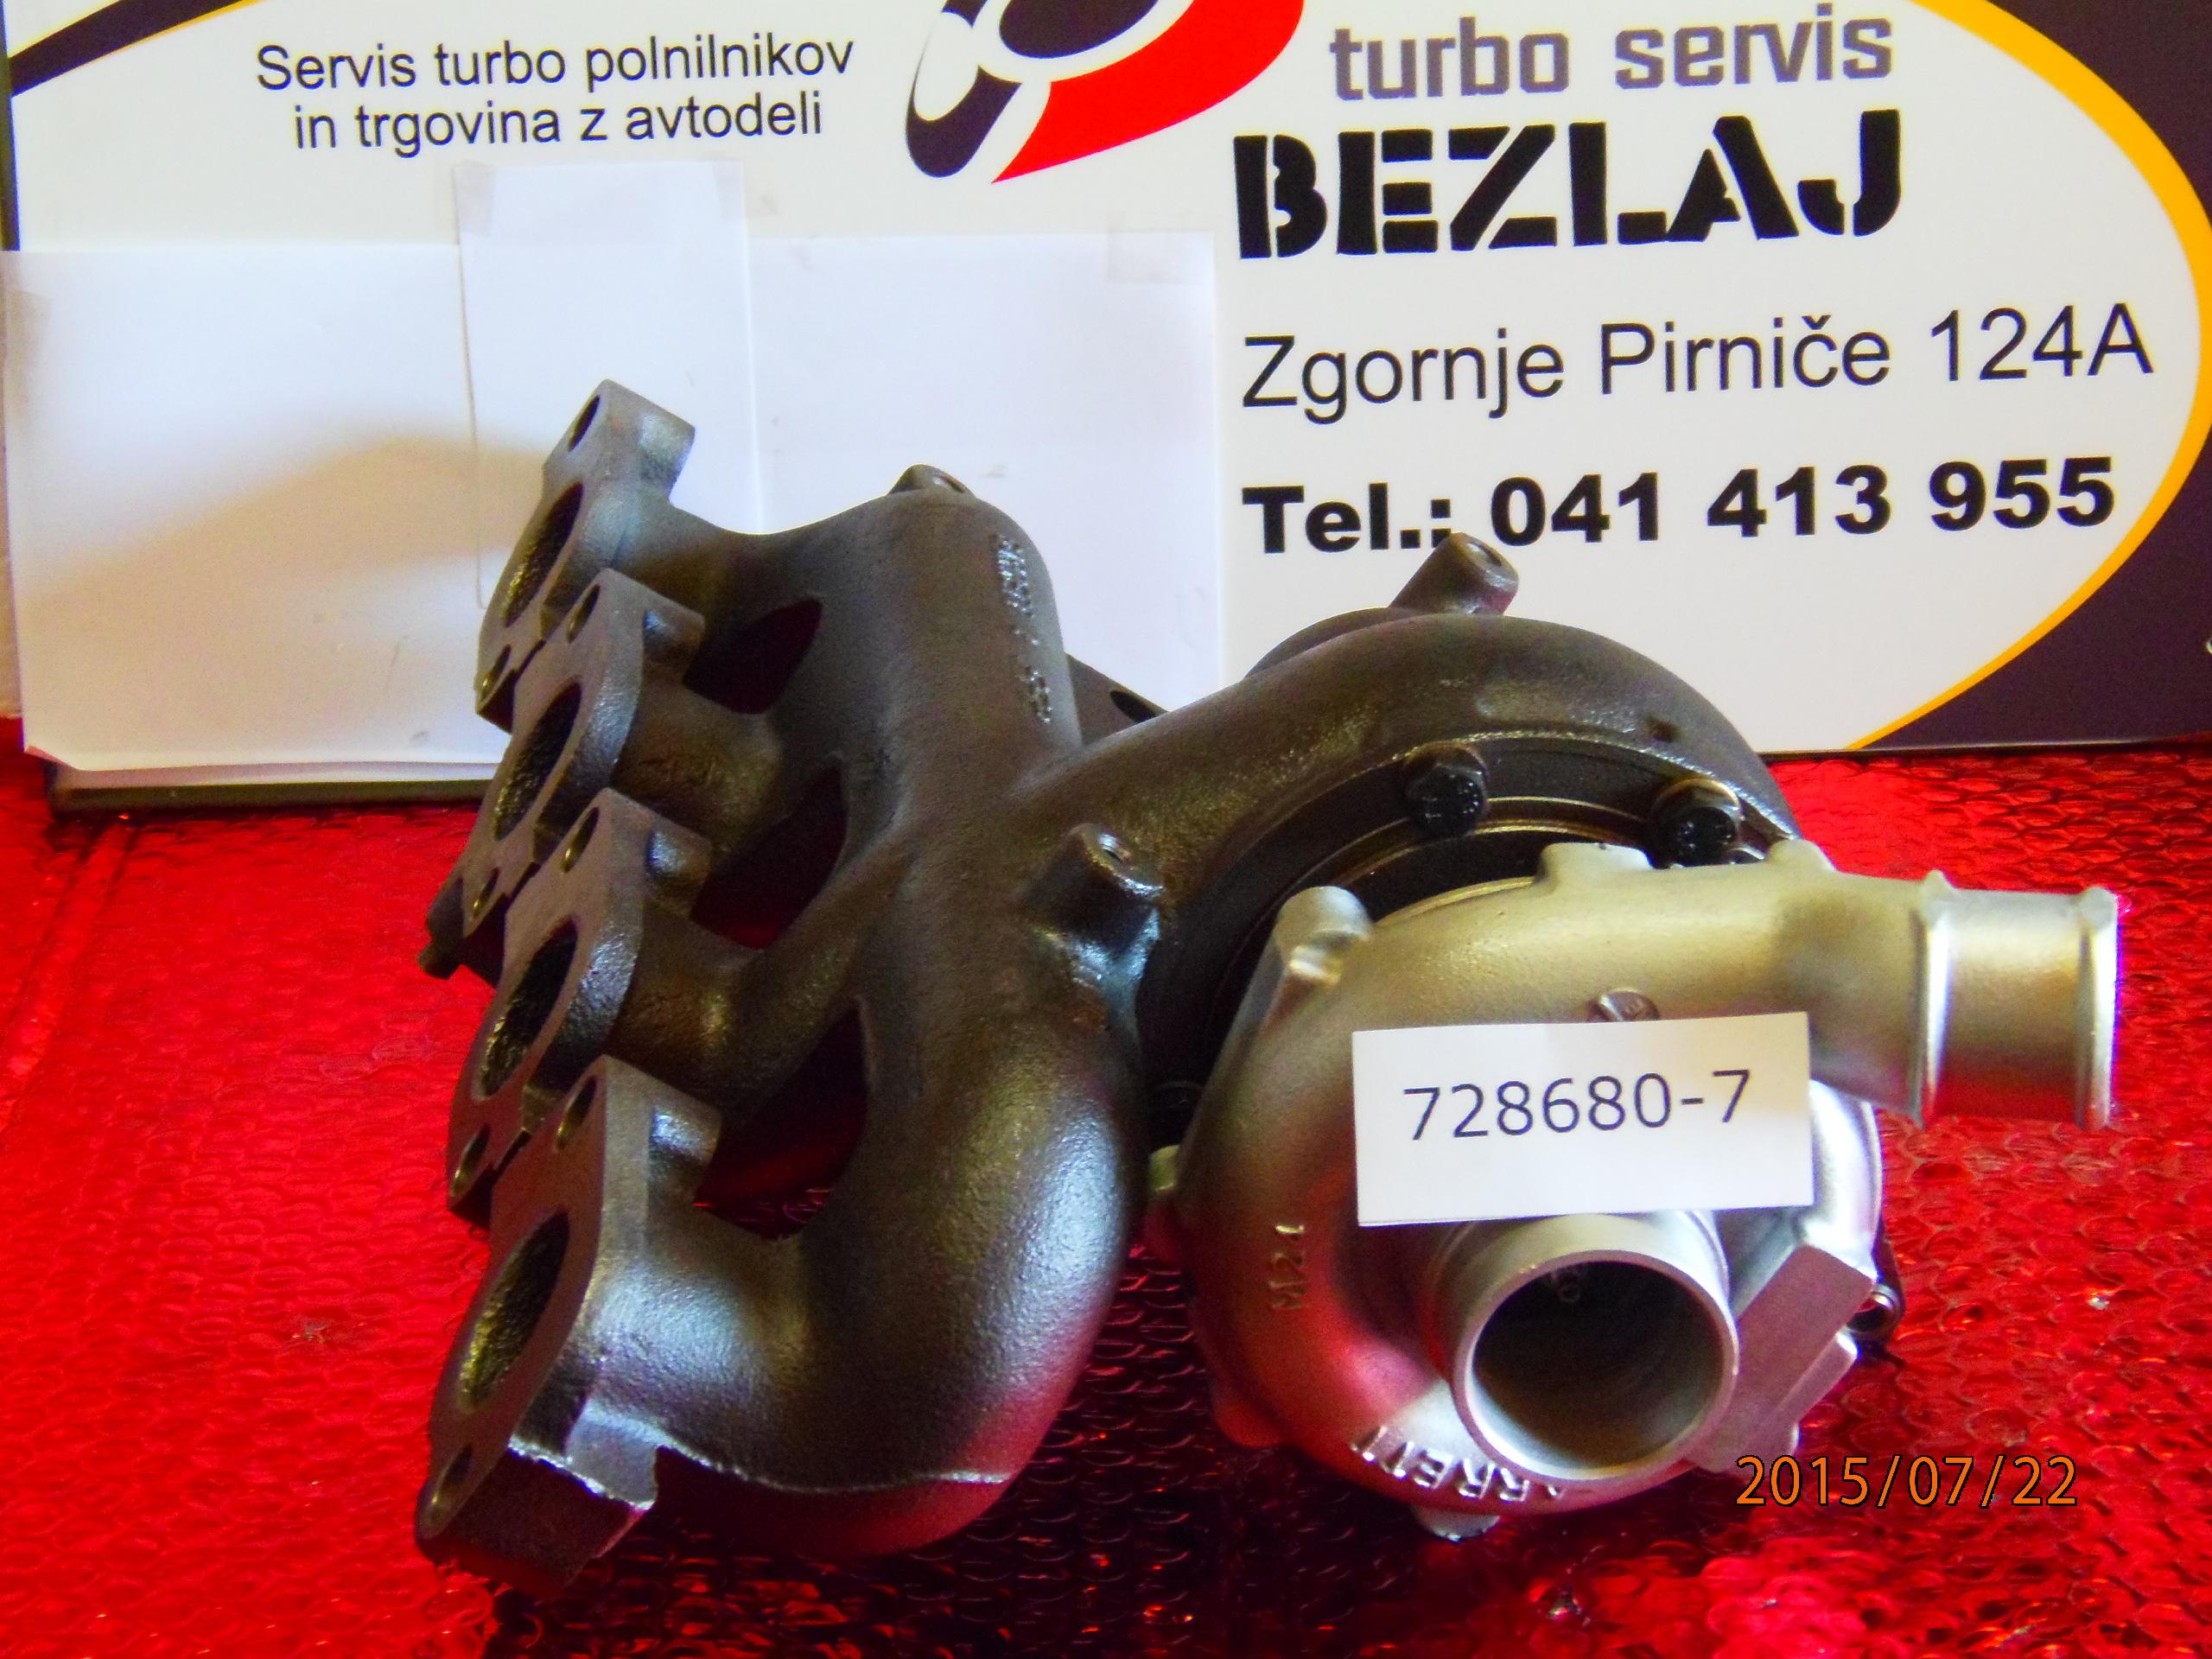 turbo728680-7 (2)